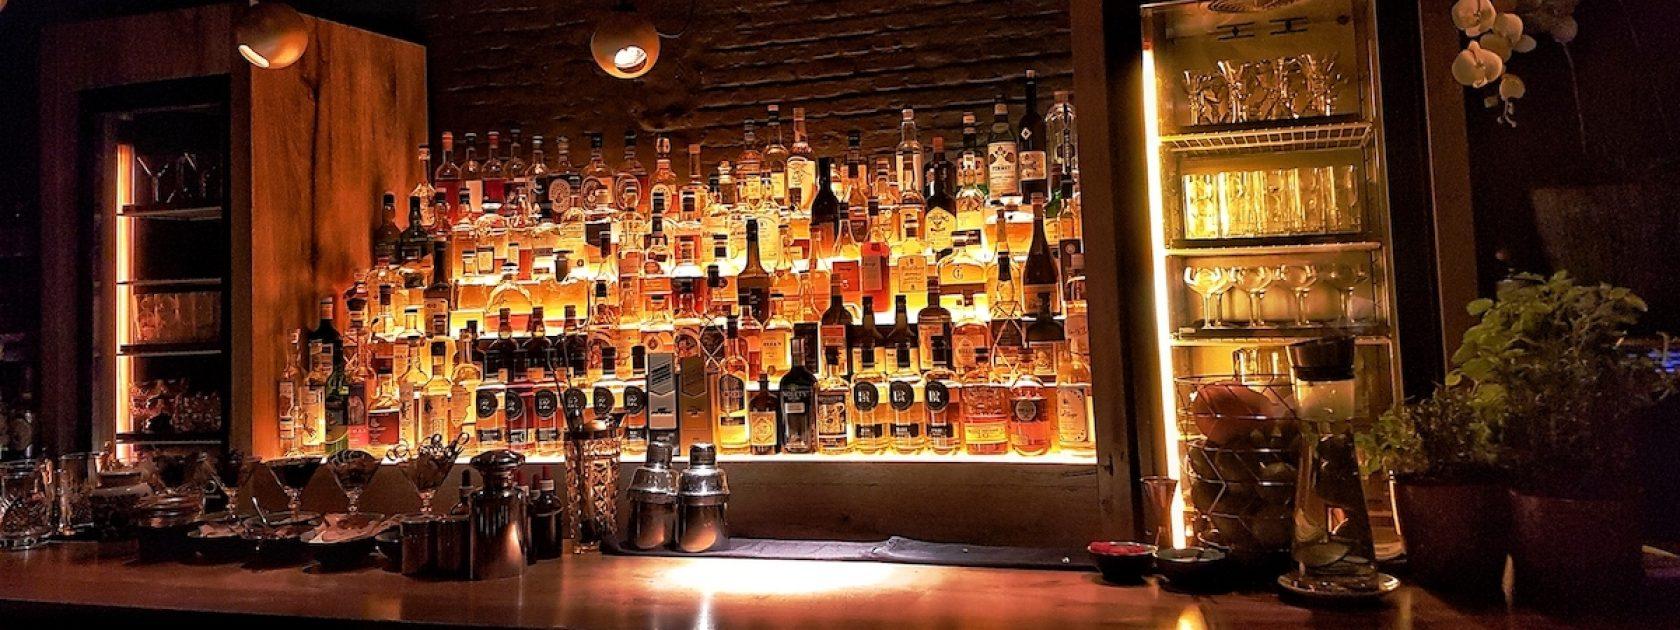 BelRoy's in Antwerpen is een sfeervolle cocktailbar waar je geniet van de klassiekers met een twist. Wist je dat zes maanden na de opening, ze zelfs werden verkozen tot beste cocktailbar van België?